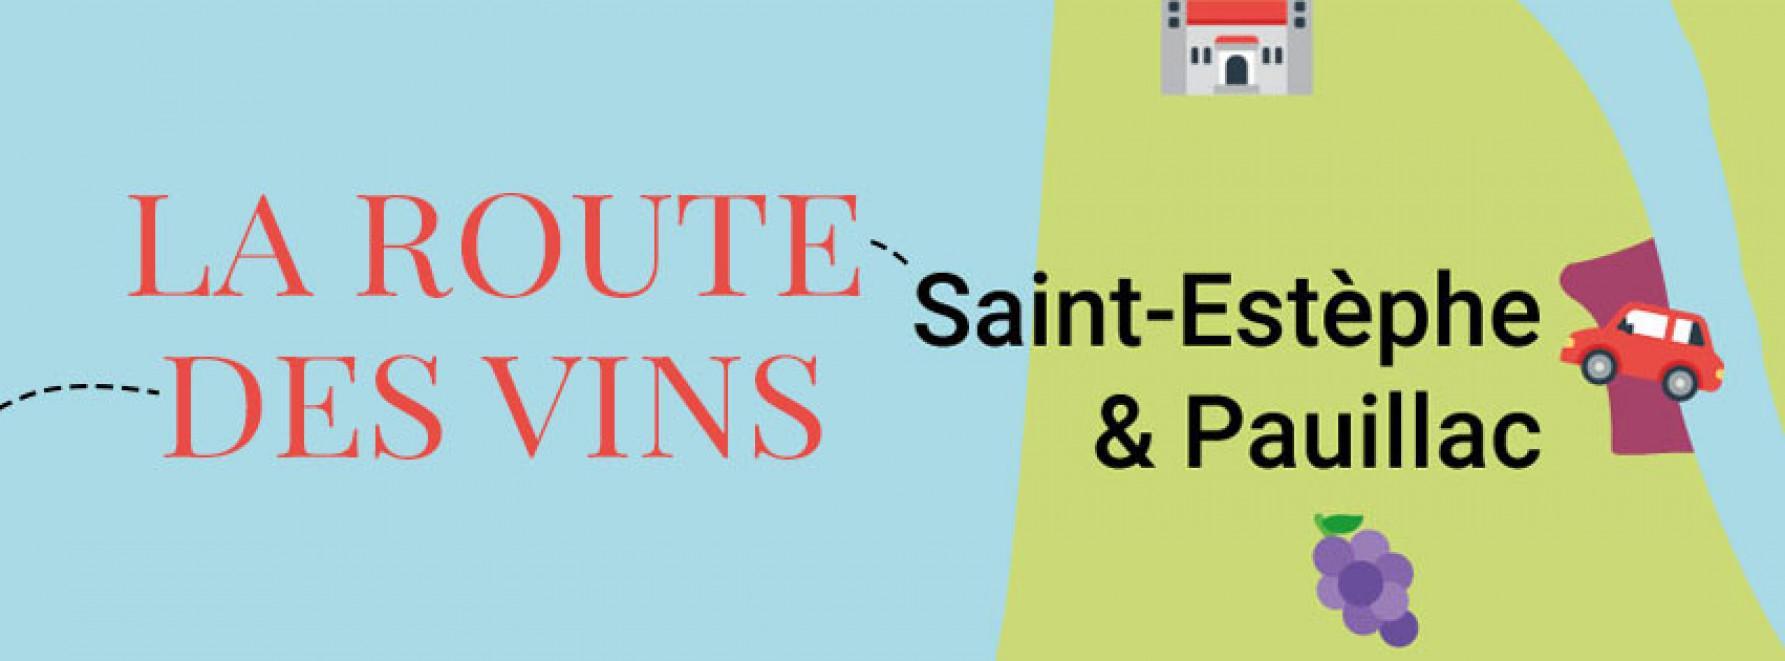 La route des vins : direction Pauillac et Saint-Estèphe